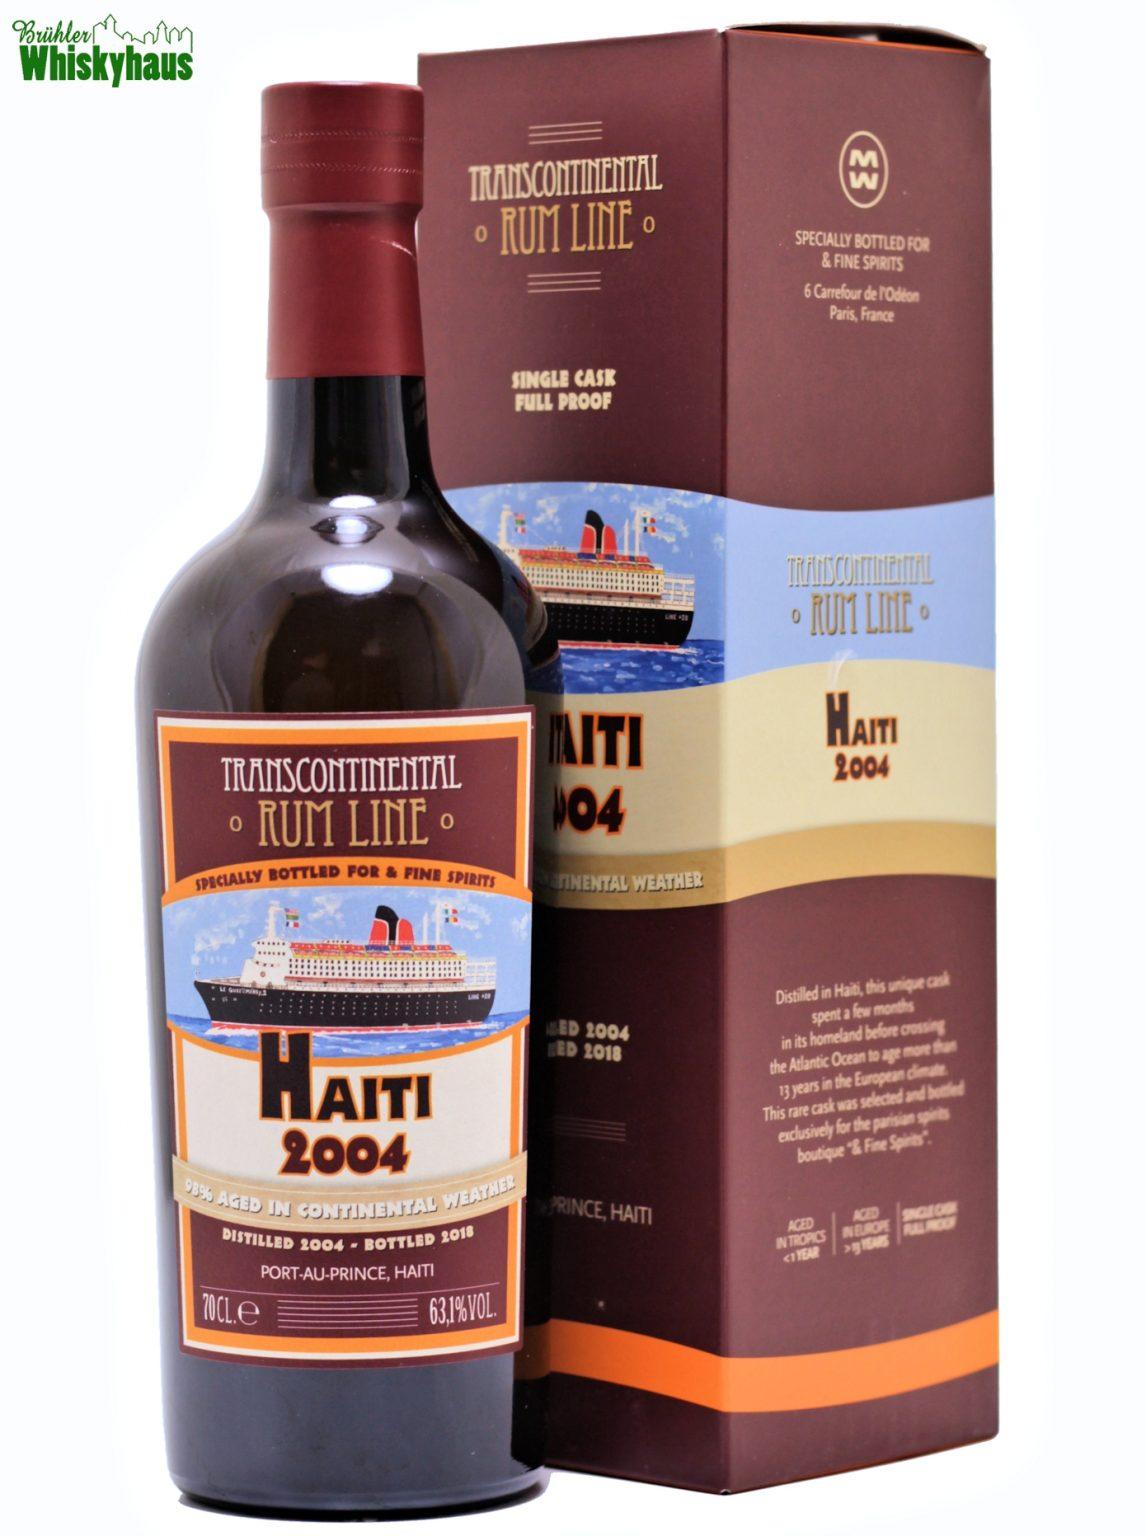 Transcontinental Rum Line 14 Jahre - Haiti 2004 - La Maison de Whisky - Single Cask Rum